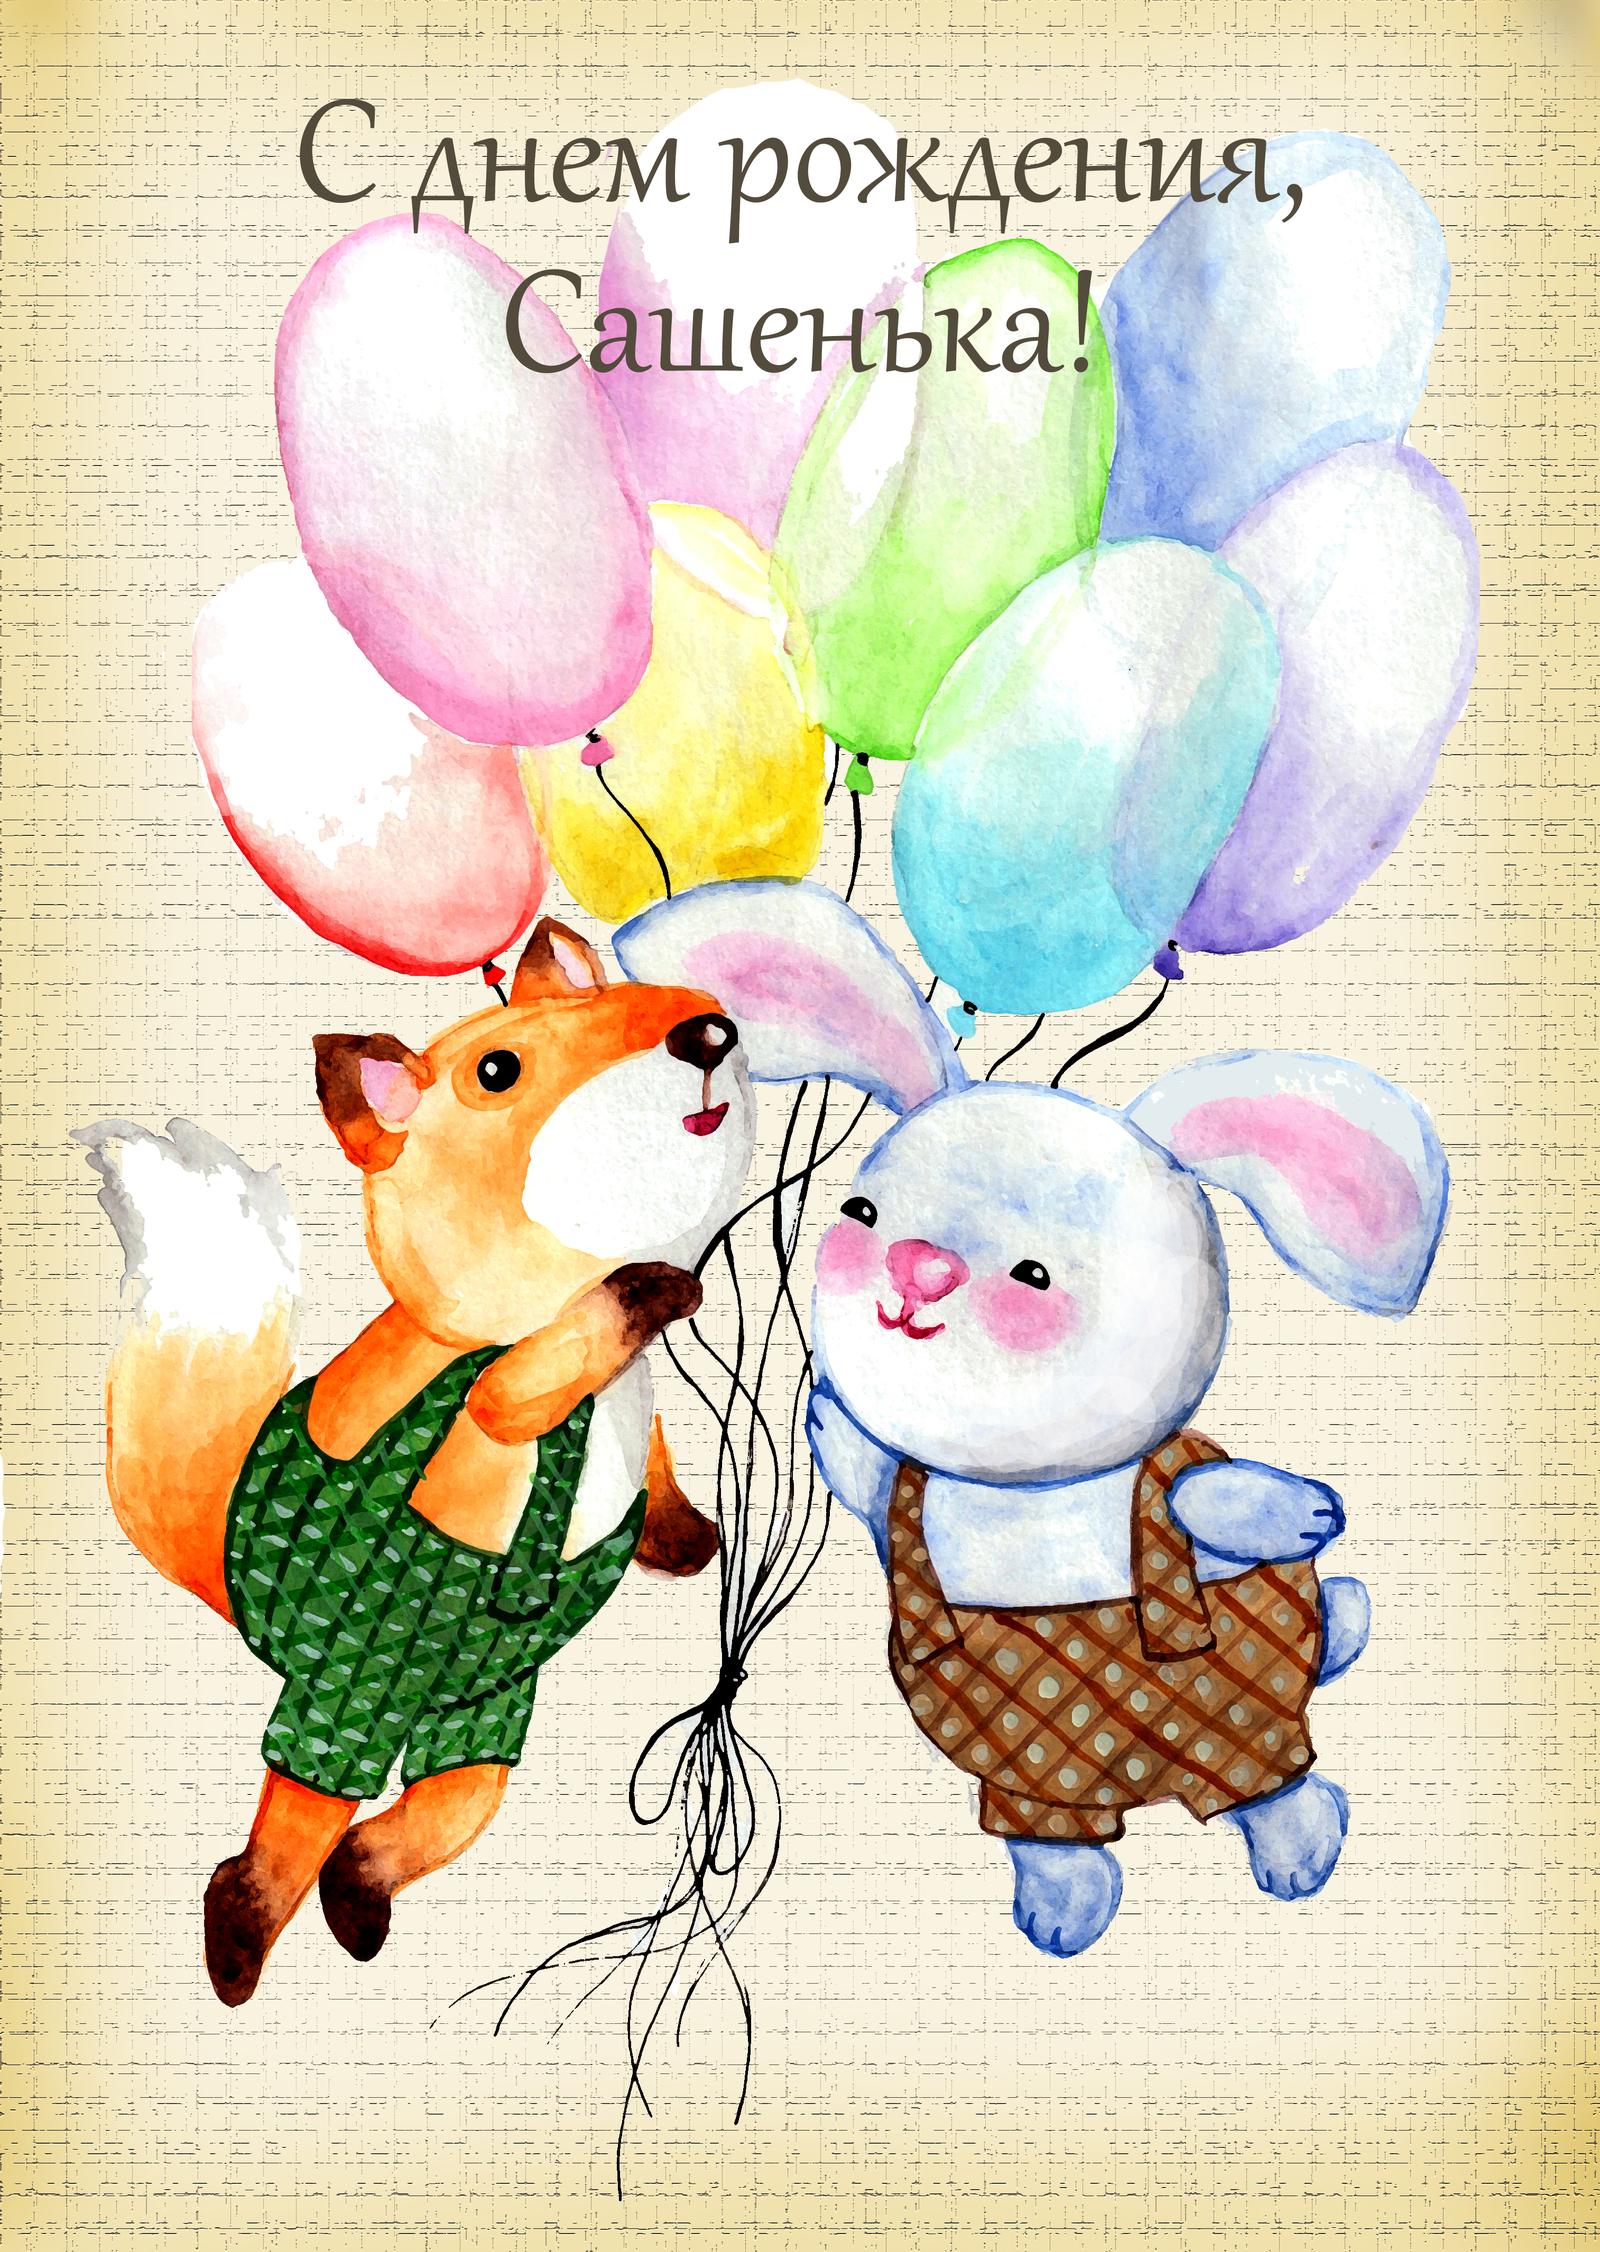 Поздравления днем рождения сашеньке